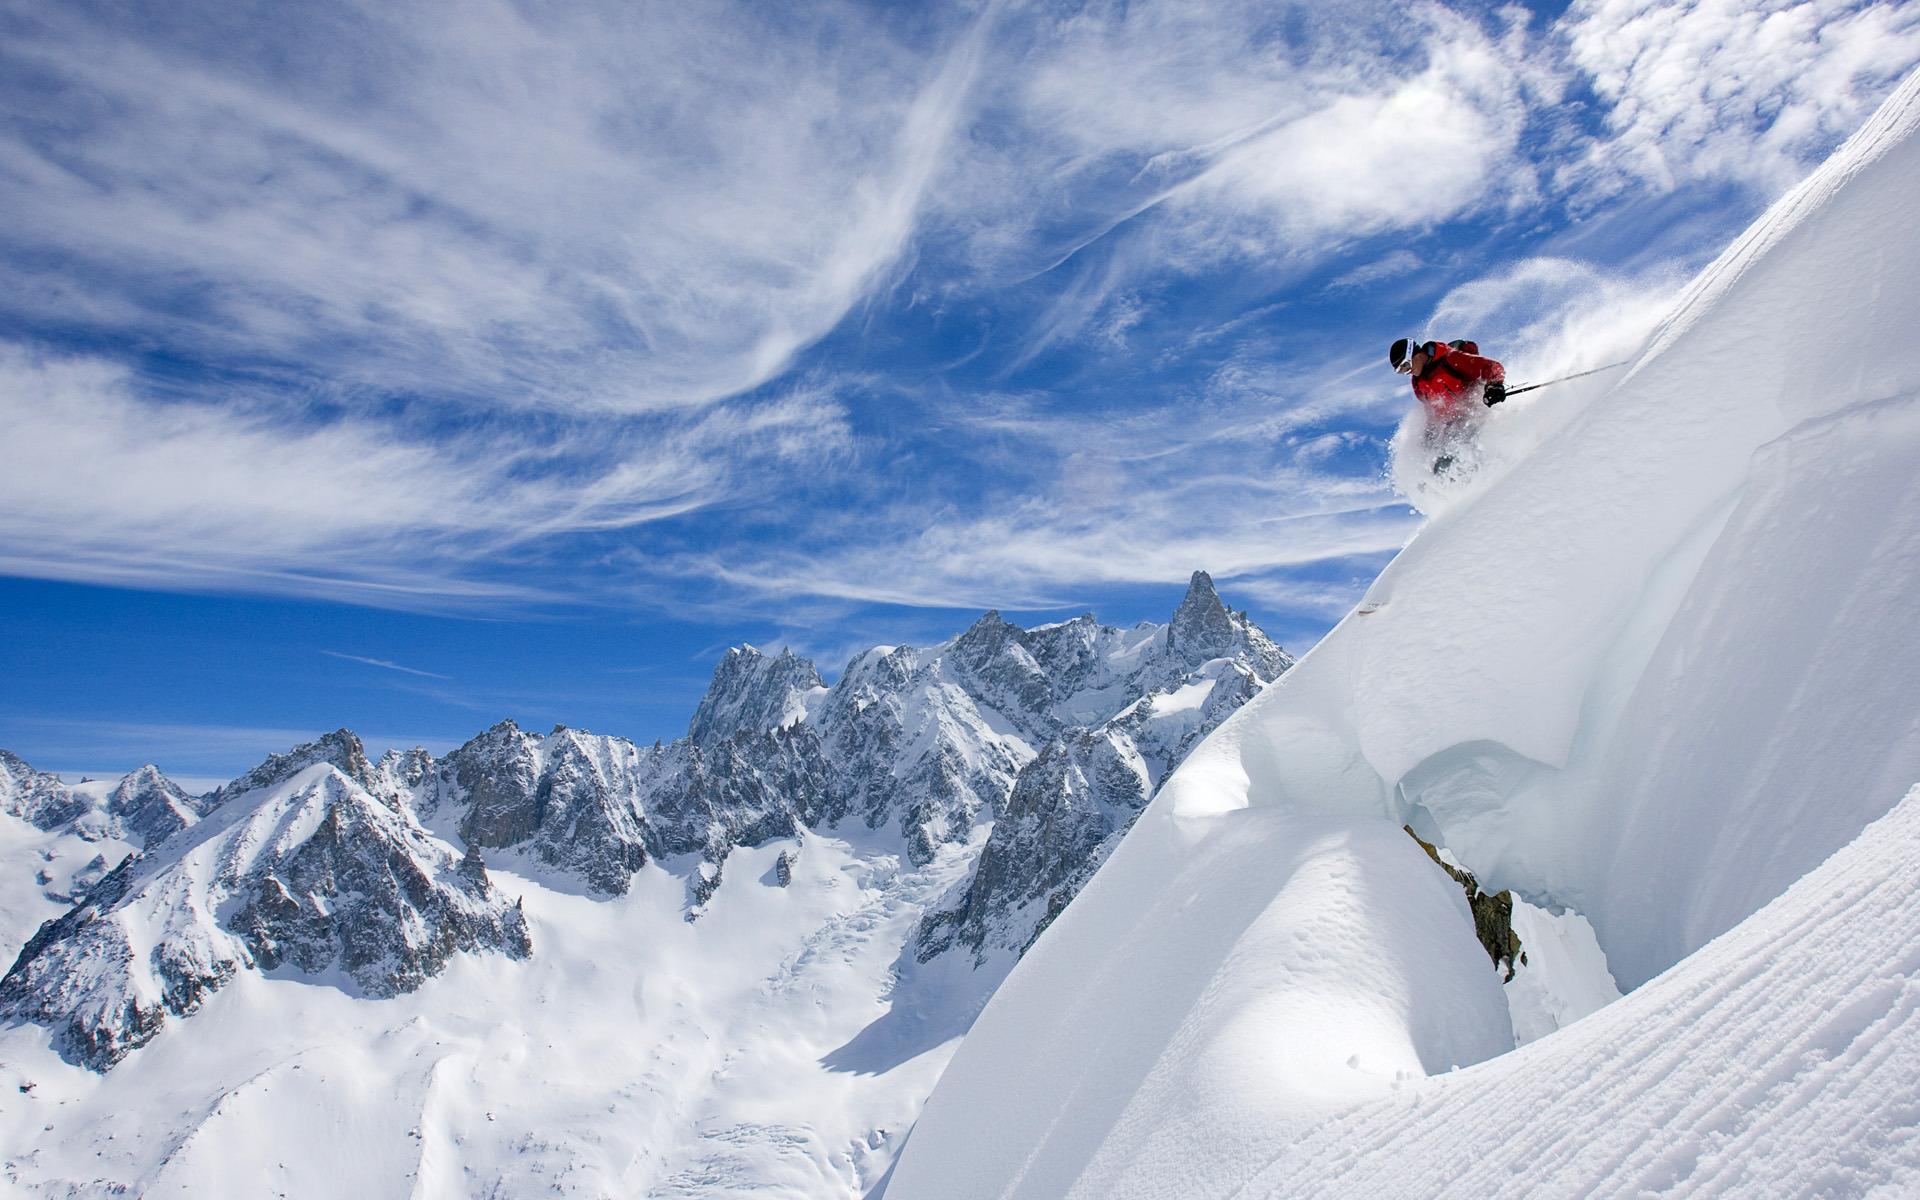 поздравление где то высоко в горах кто похоронен